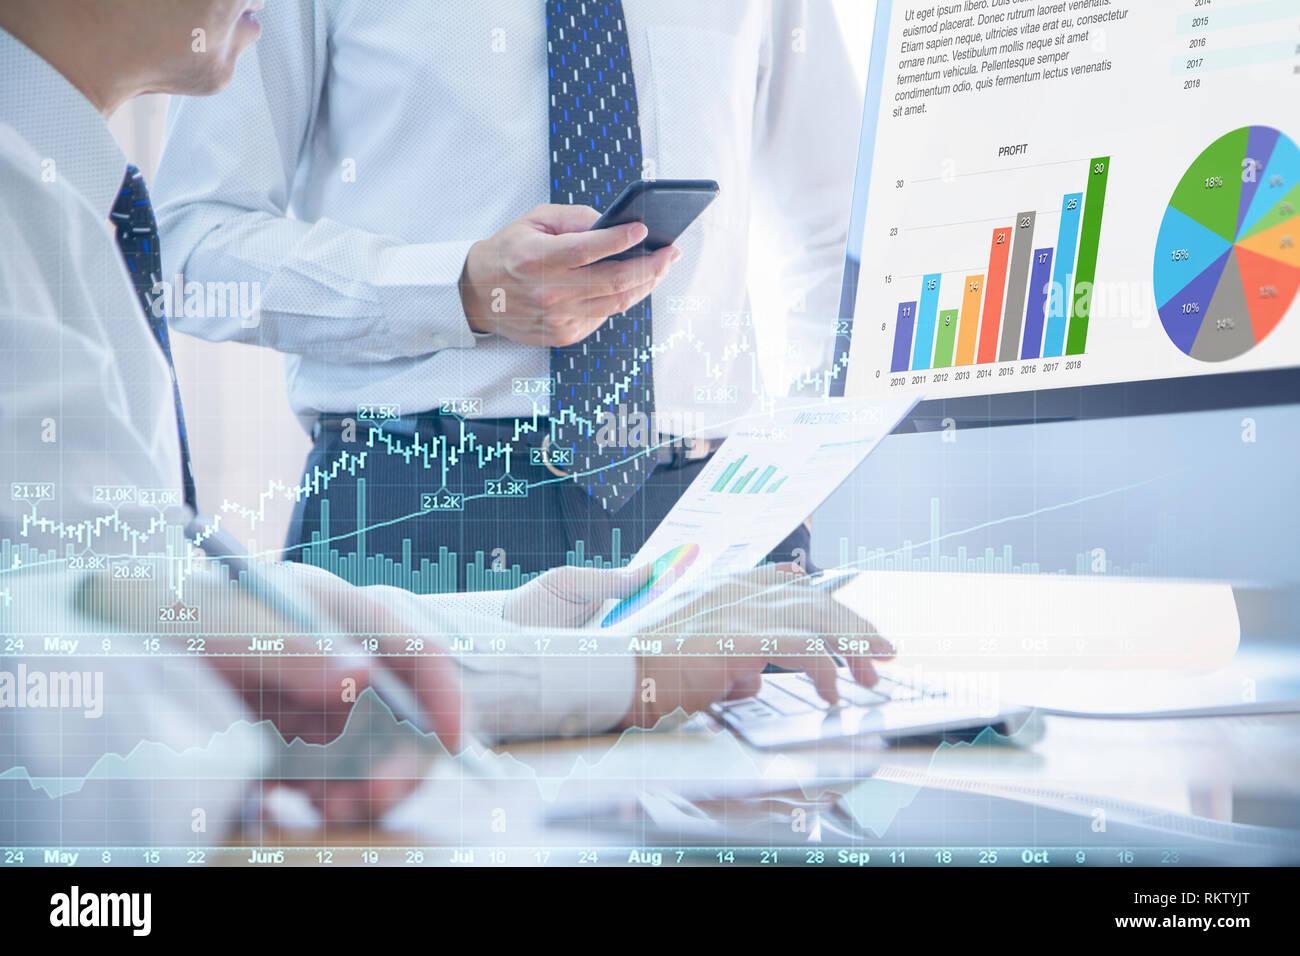 Los analistas de negocios o discutir sobre el rendimiento del negocio, análisis de riesgo de inversión y el retorno de la inversión, ROI, en la oficina. Foto de stock